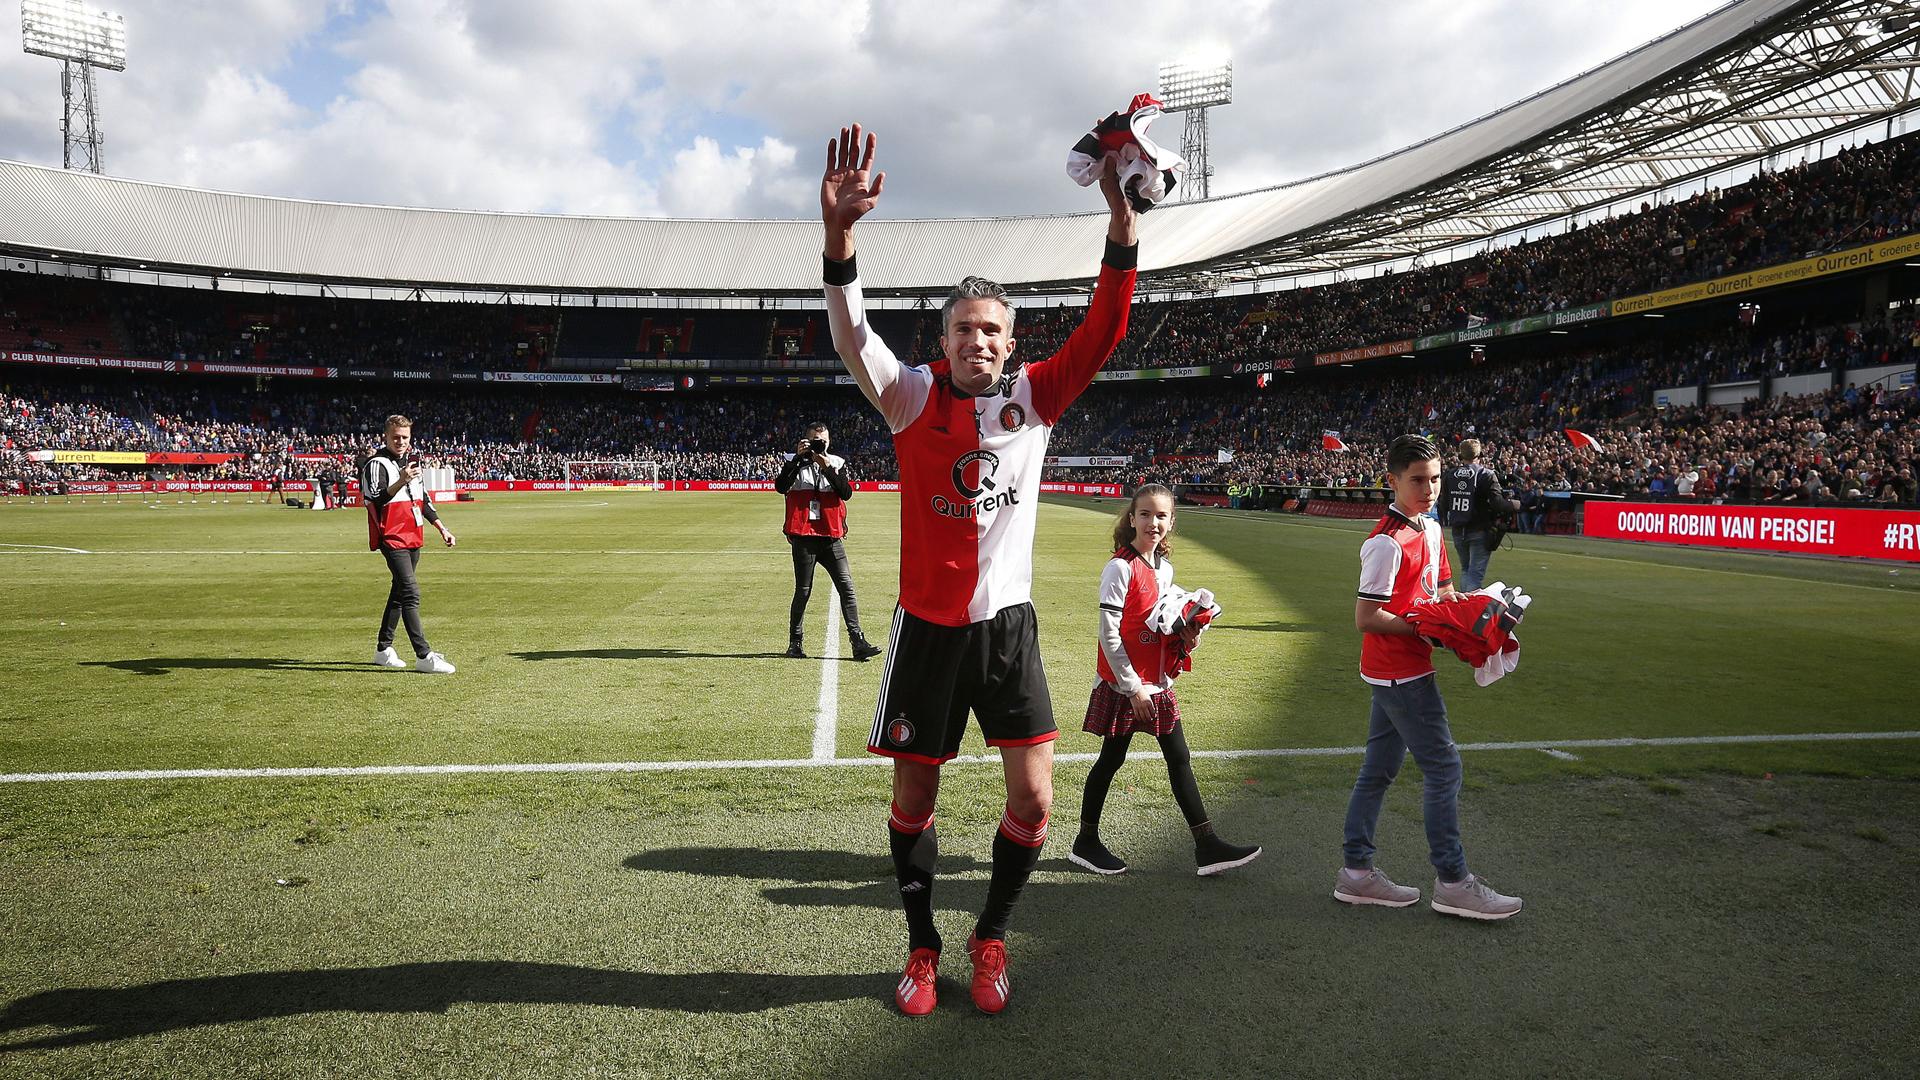 Robin van Persie Feyenoord 12052019